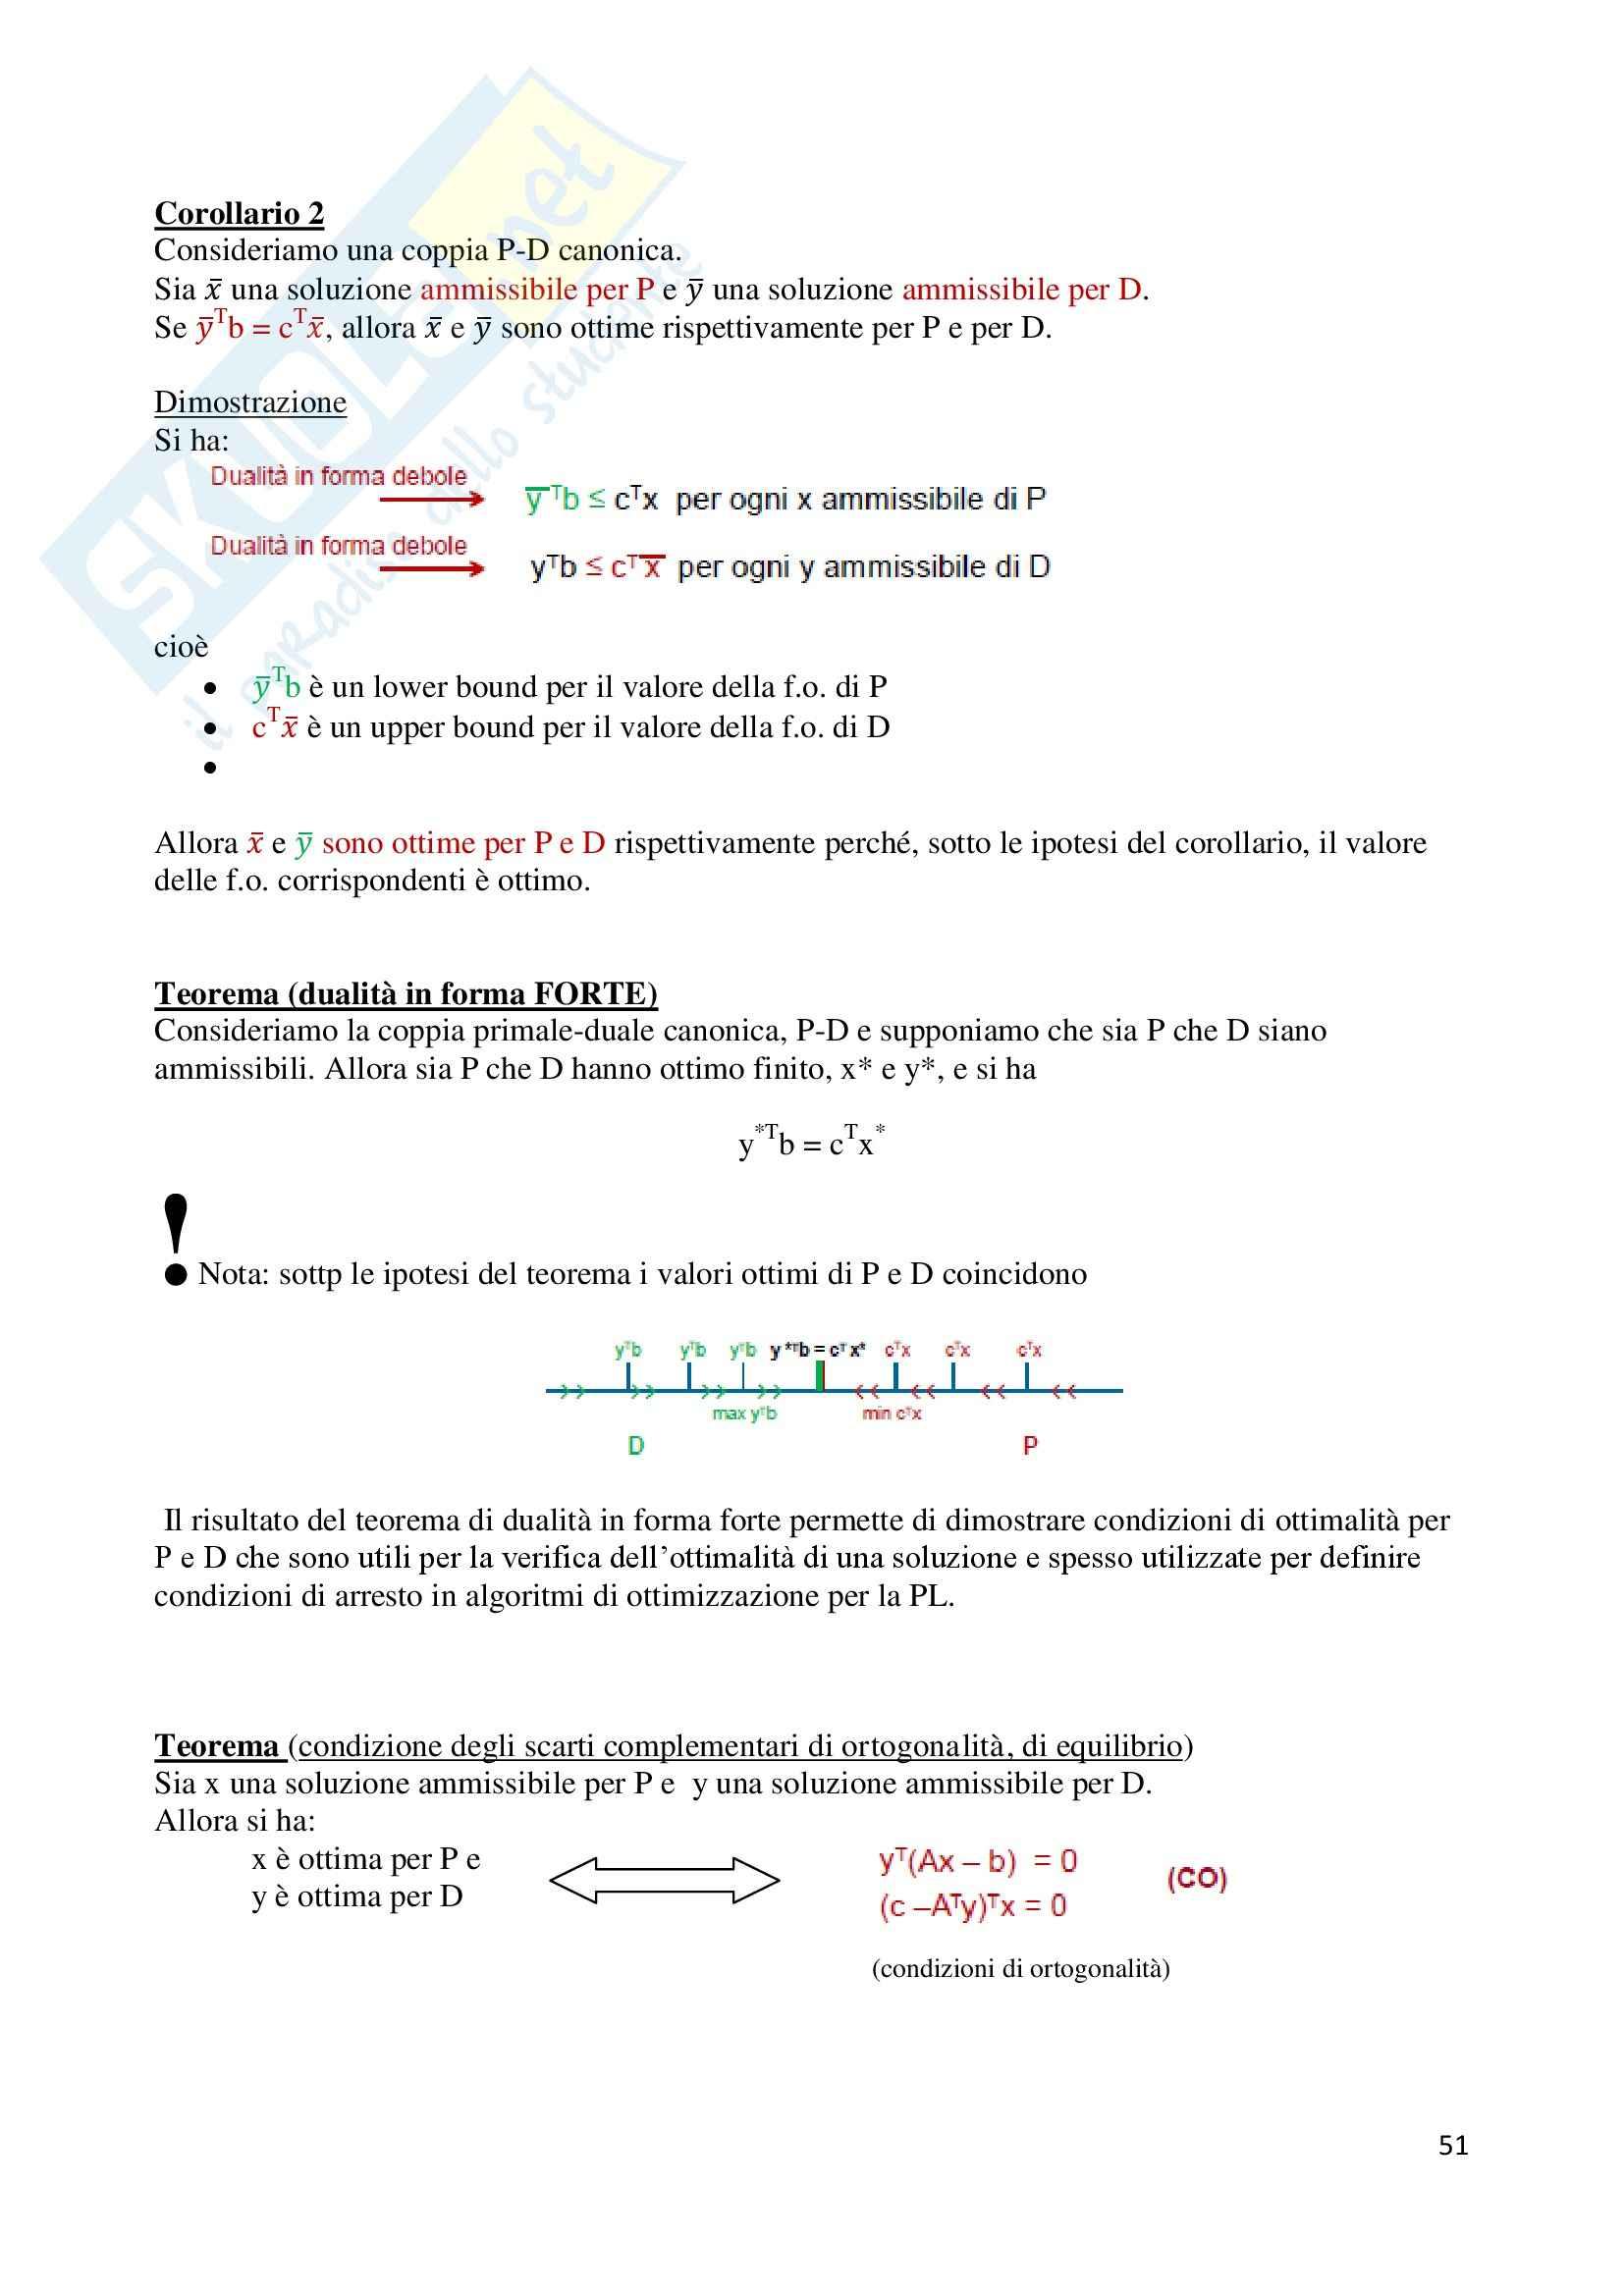 Metodi e modelli di ottimizzazione - Appunti Pag. 51